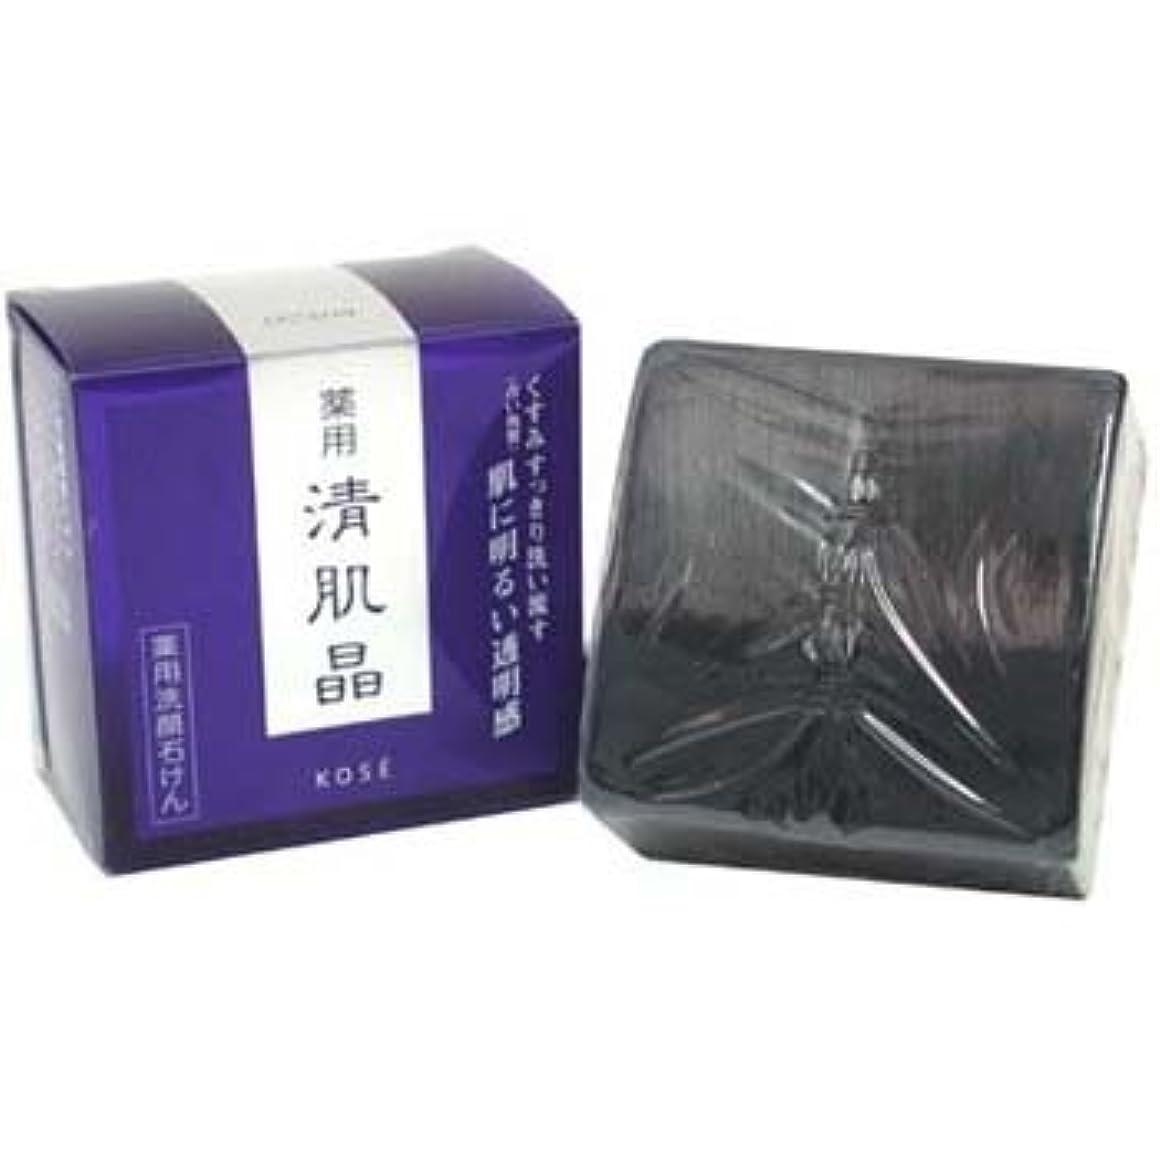 小数破壊する波紋コーセー 薬用清肌晶 ソープ(リフィル) 120g [並行輸入品][海外直送品]